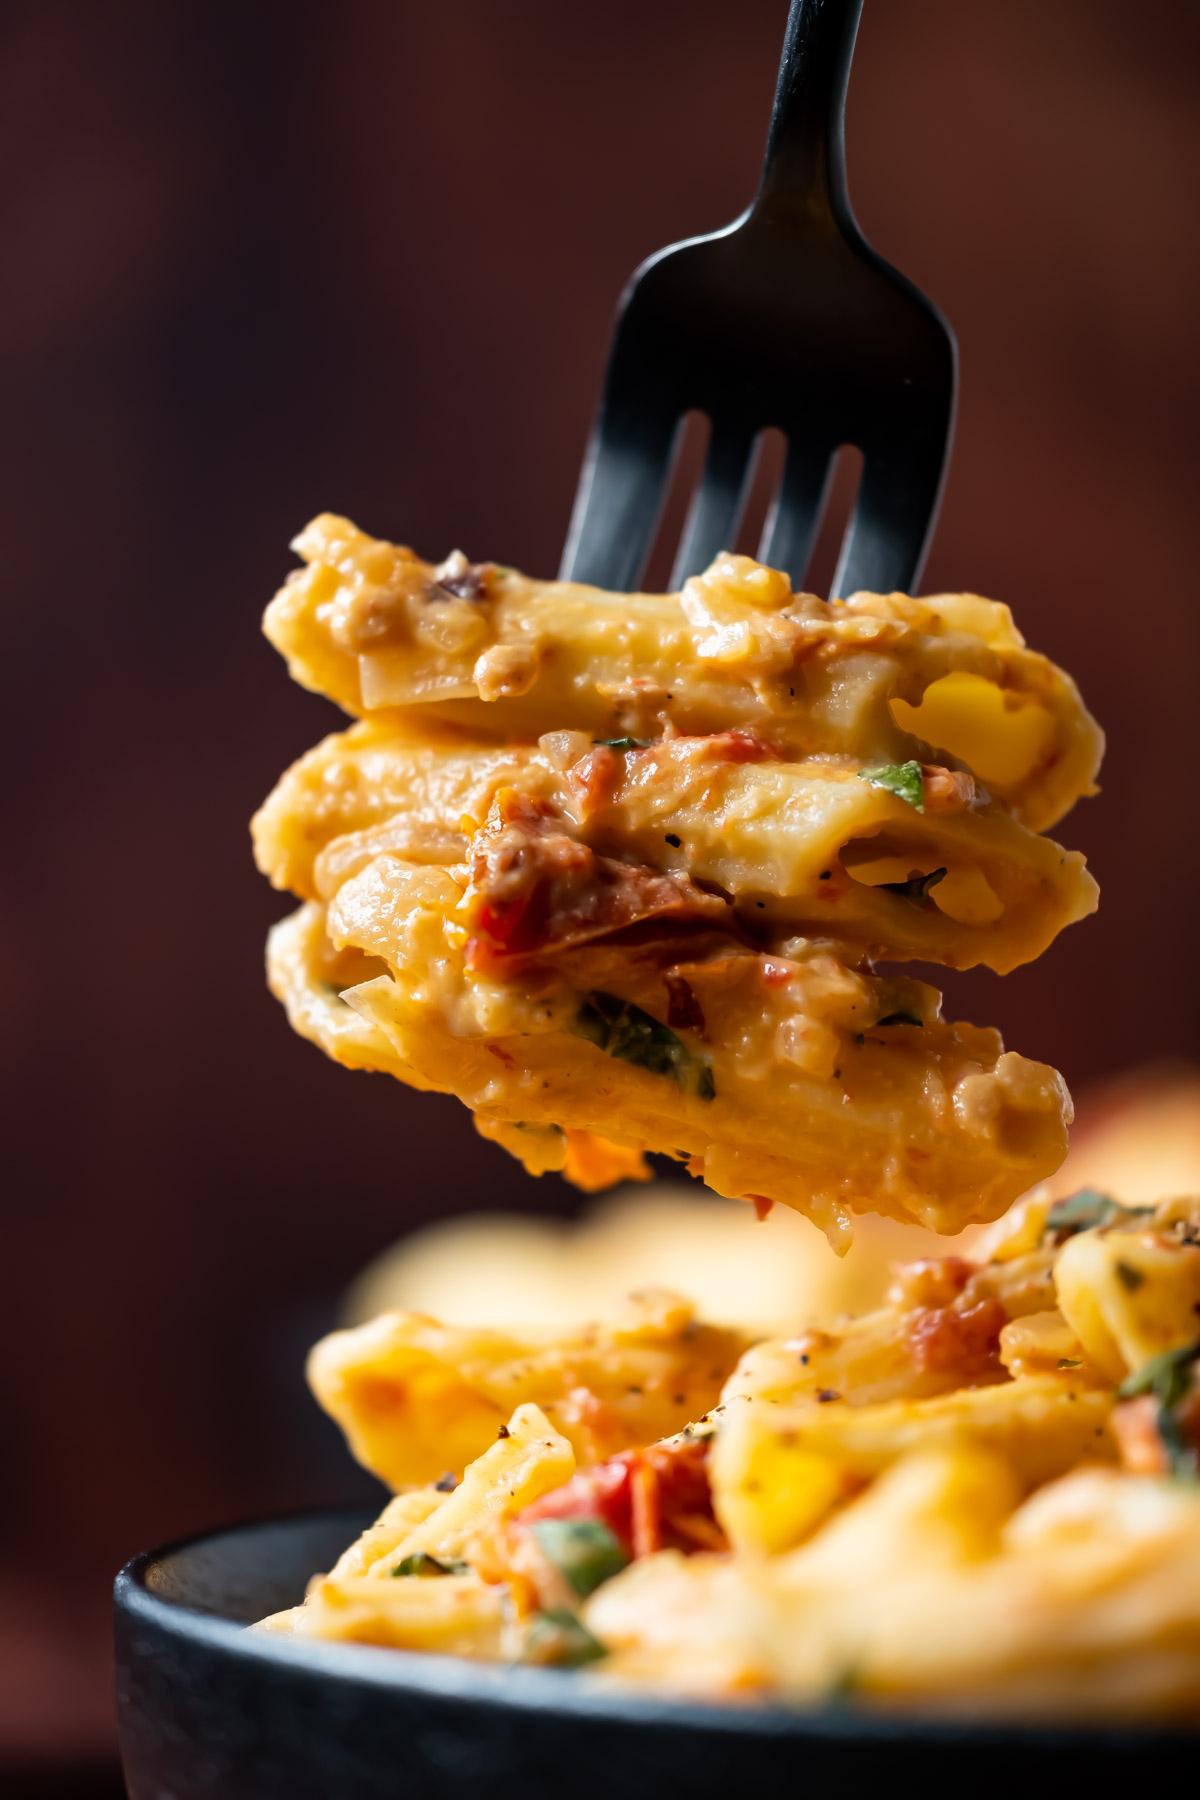 Forkful of hummus pasta.